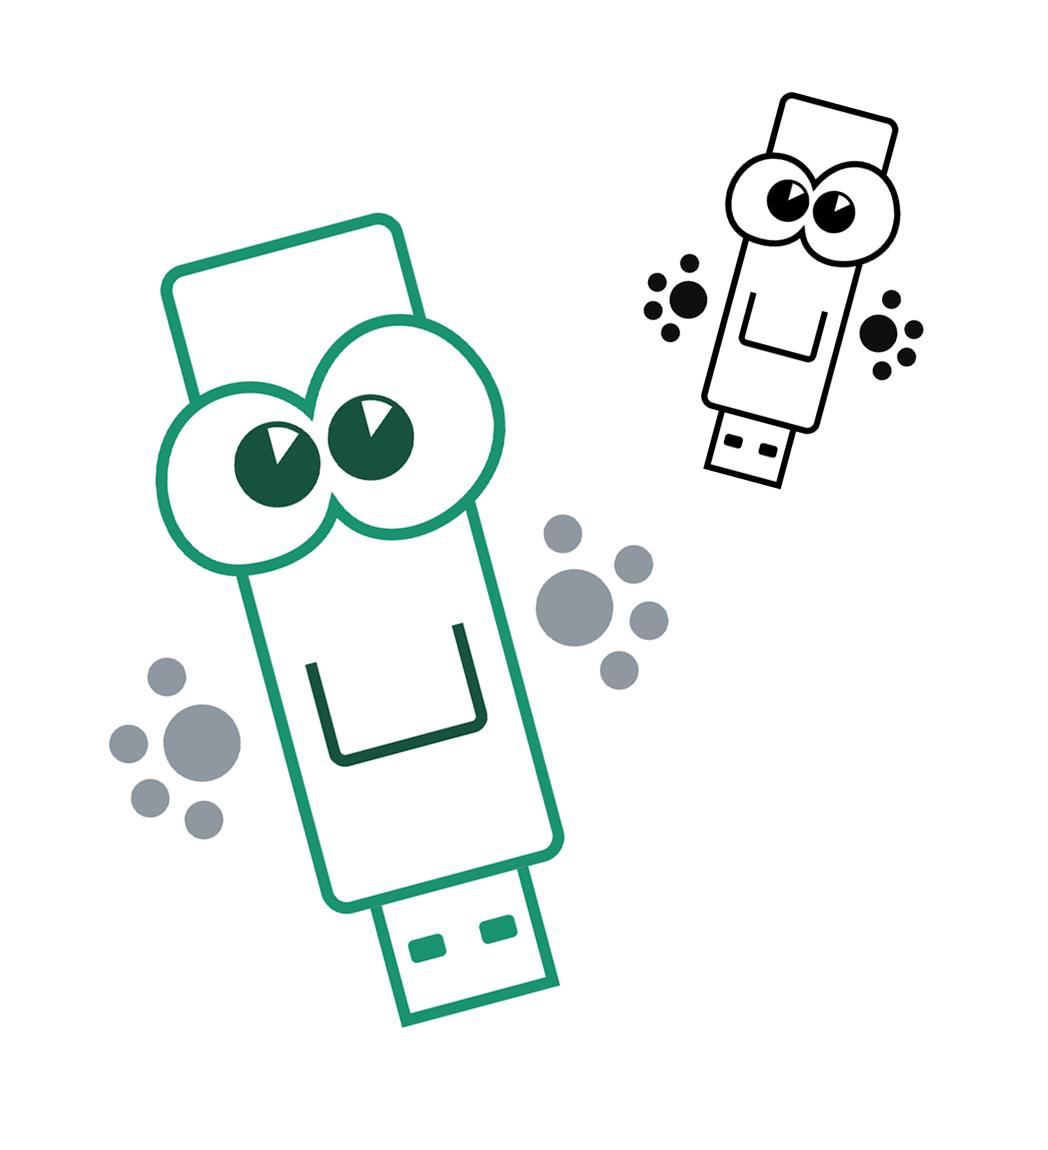 Персонаж для рекламных листовок (Компьютерная Помощь)